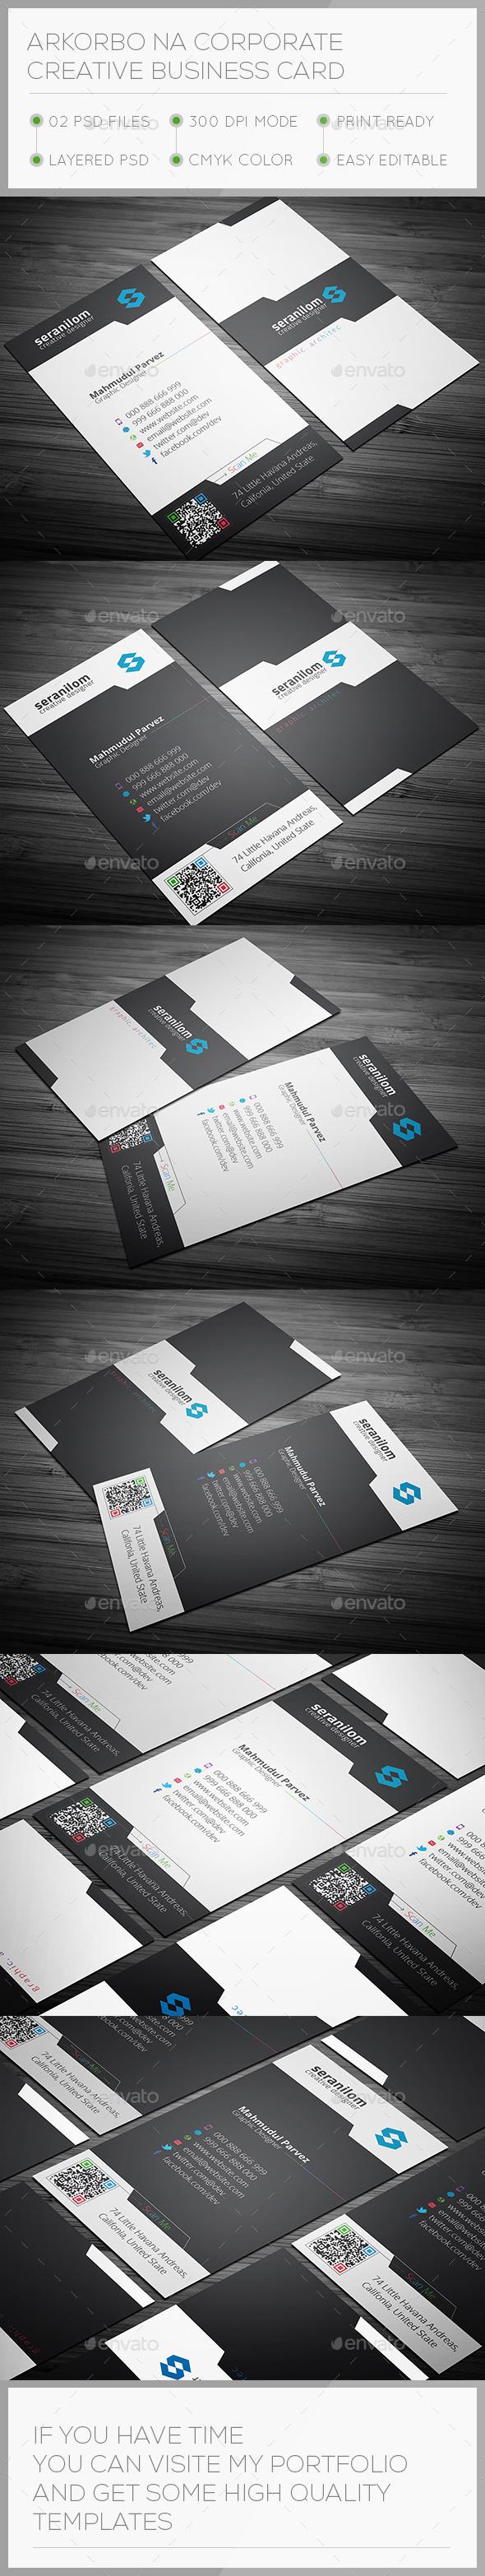 Arkorbona Corporate Creative Business Card - Corporate Business Cards